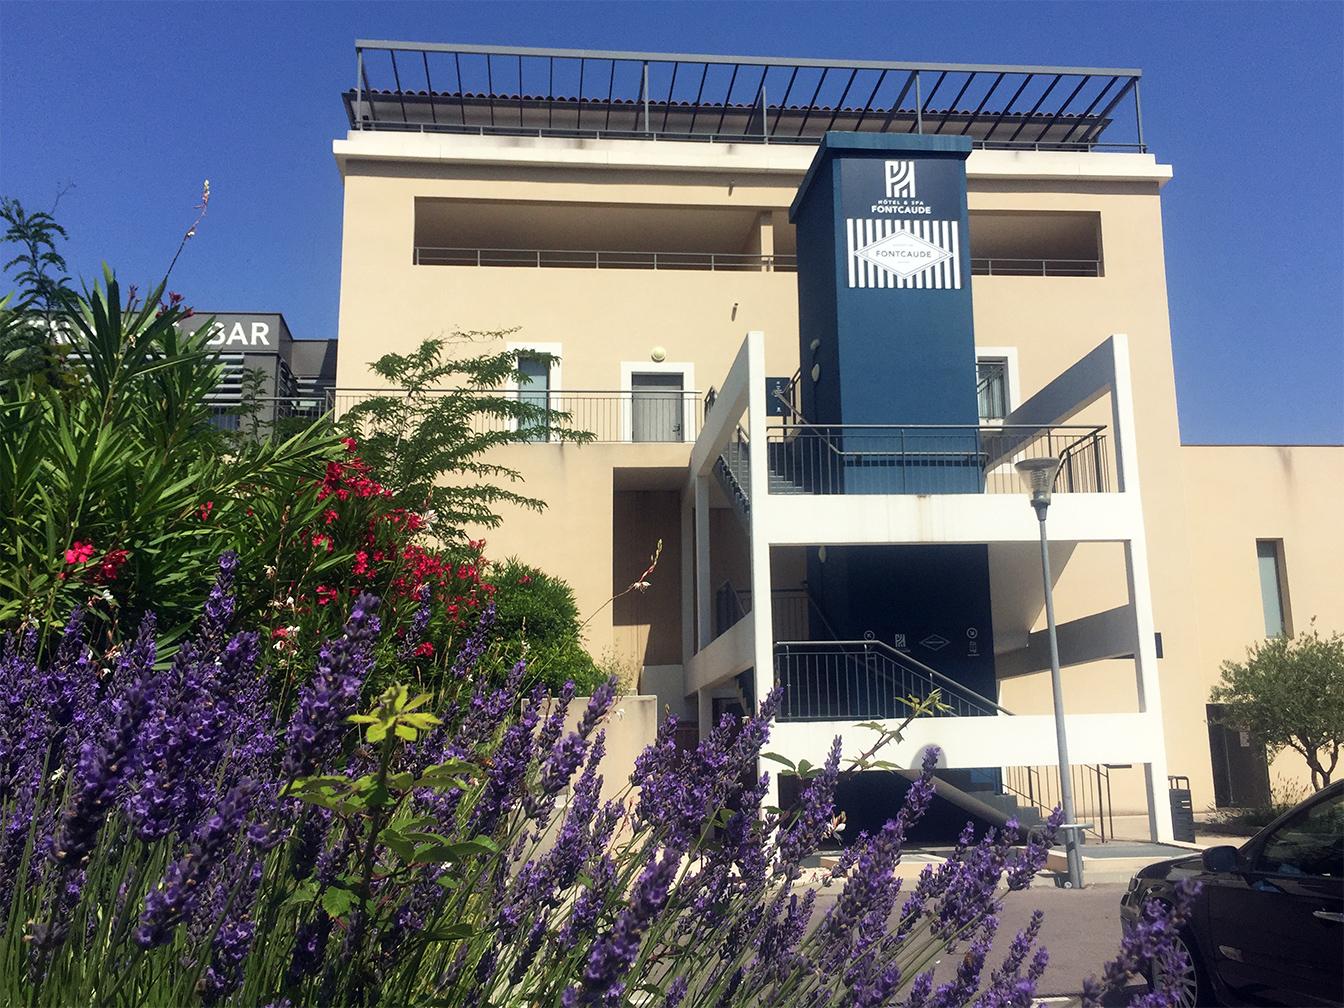 Hôtel & Spa de Fontcaude : Signalétique extérieure